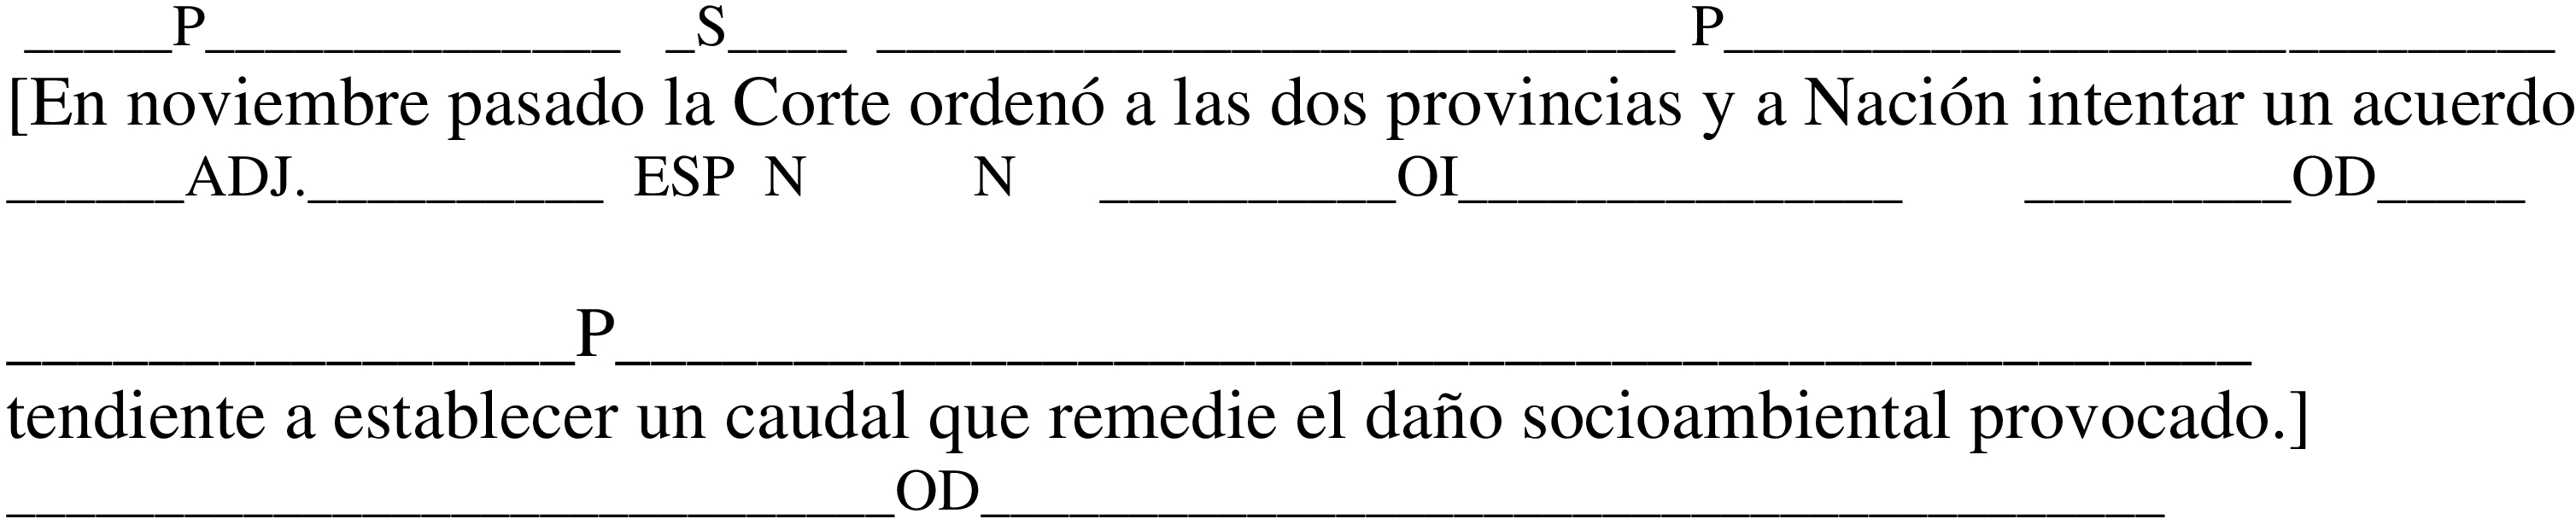 oración-cap-3_c